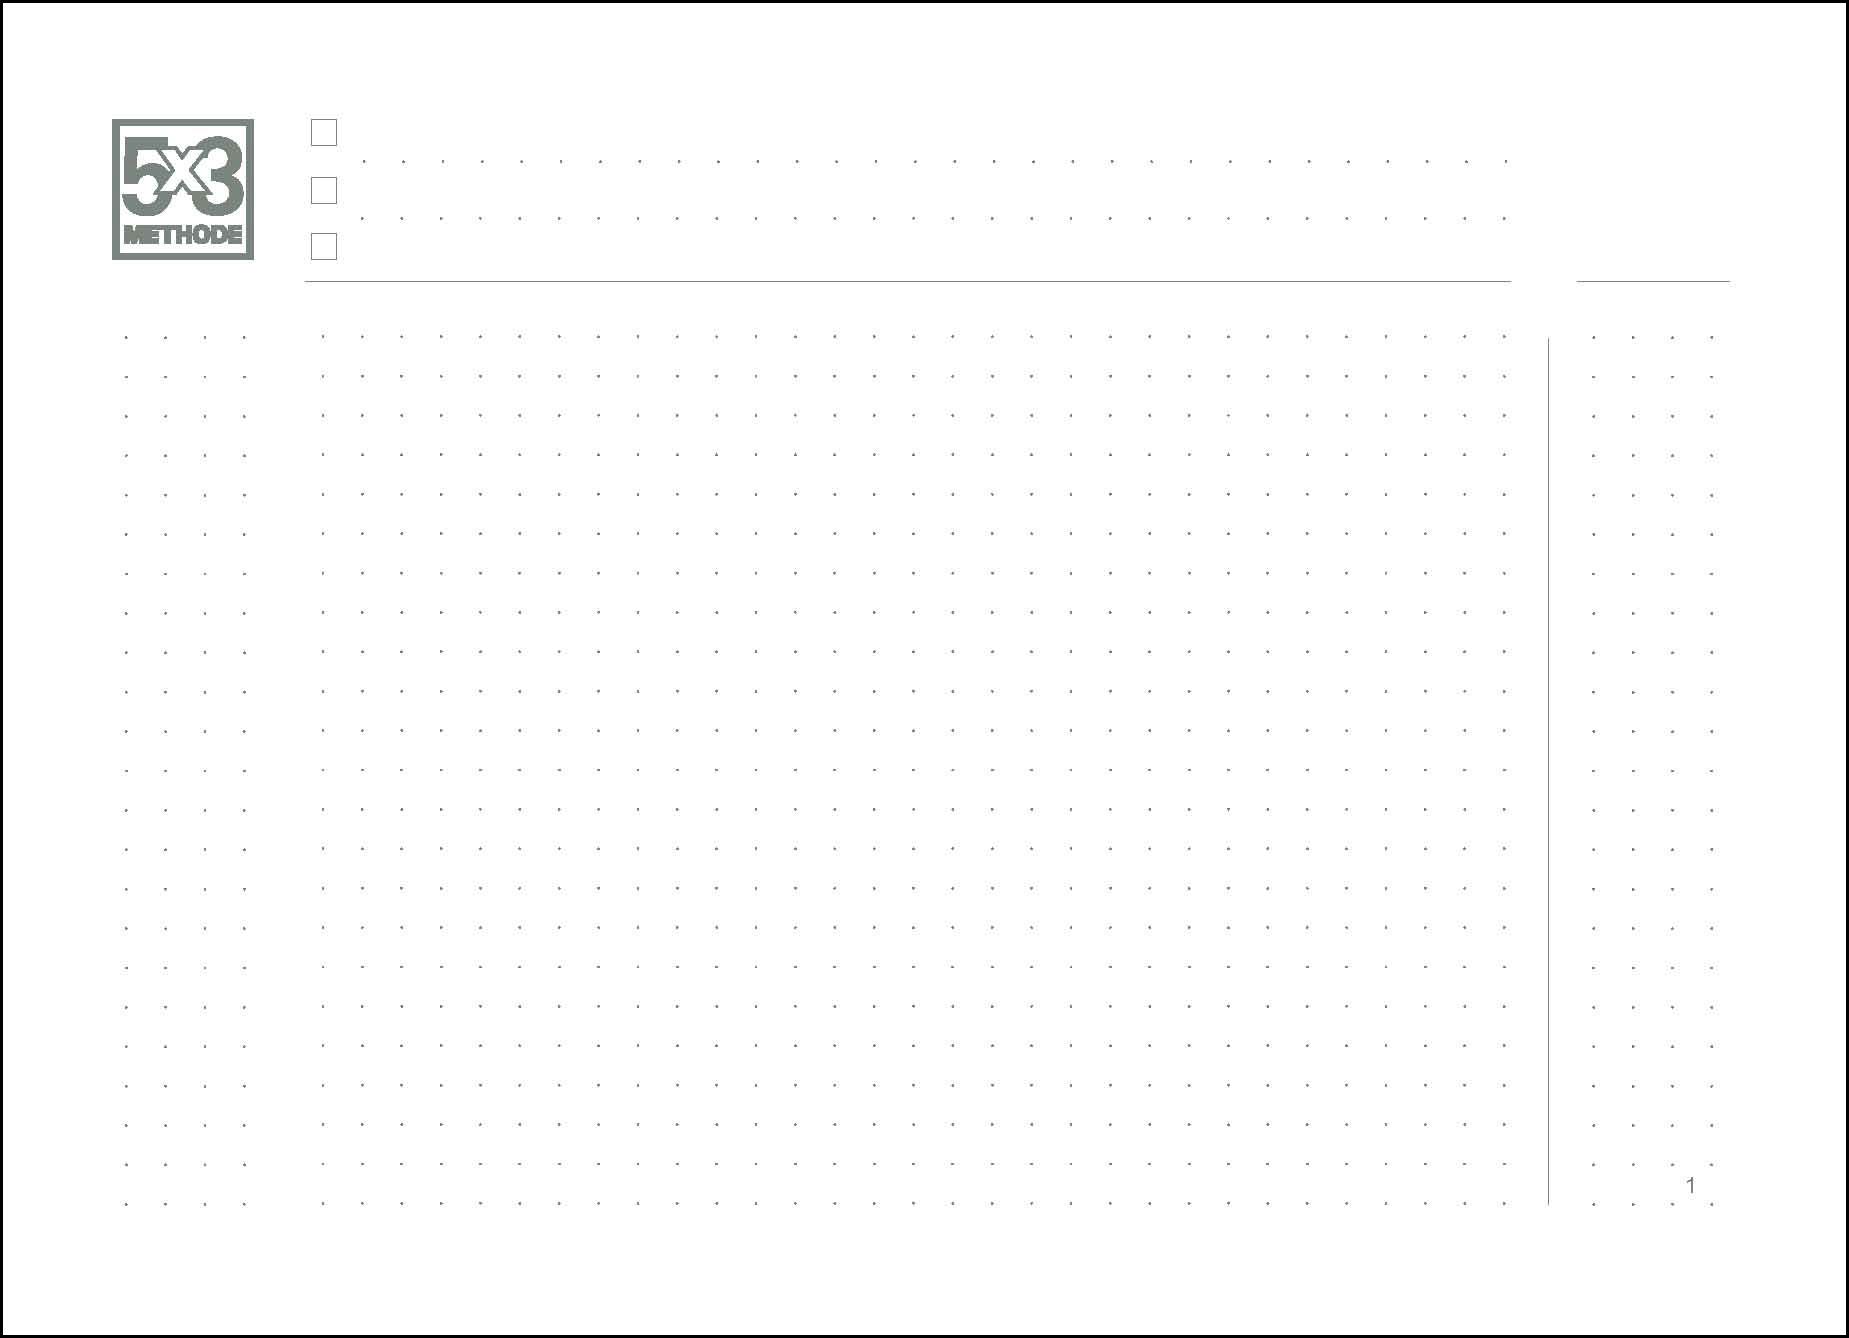 A5+ Quer - 5x3 Methode zur Selbstorganisation